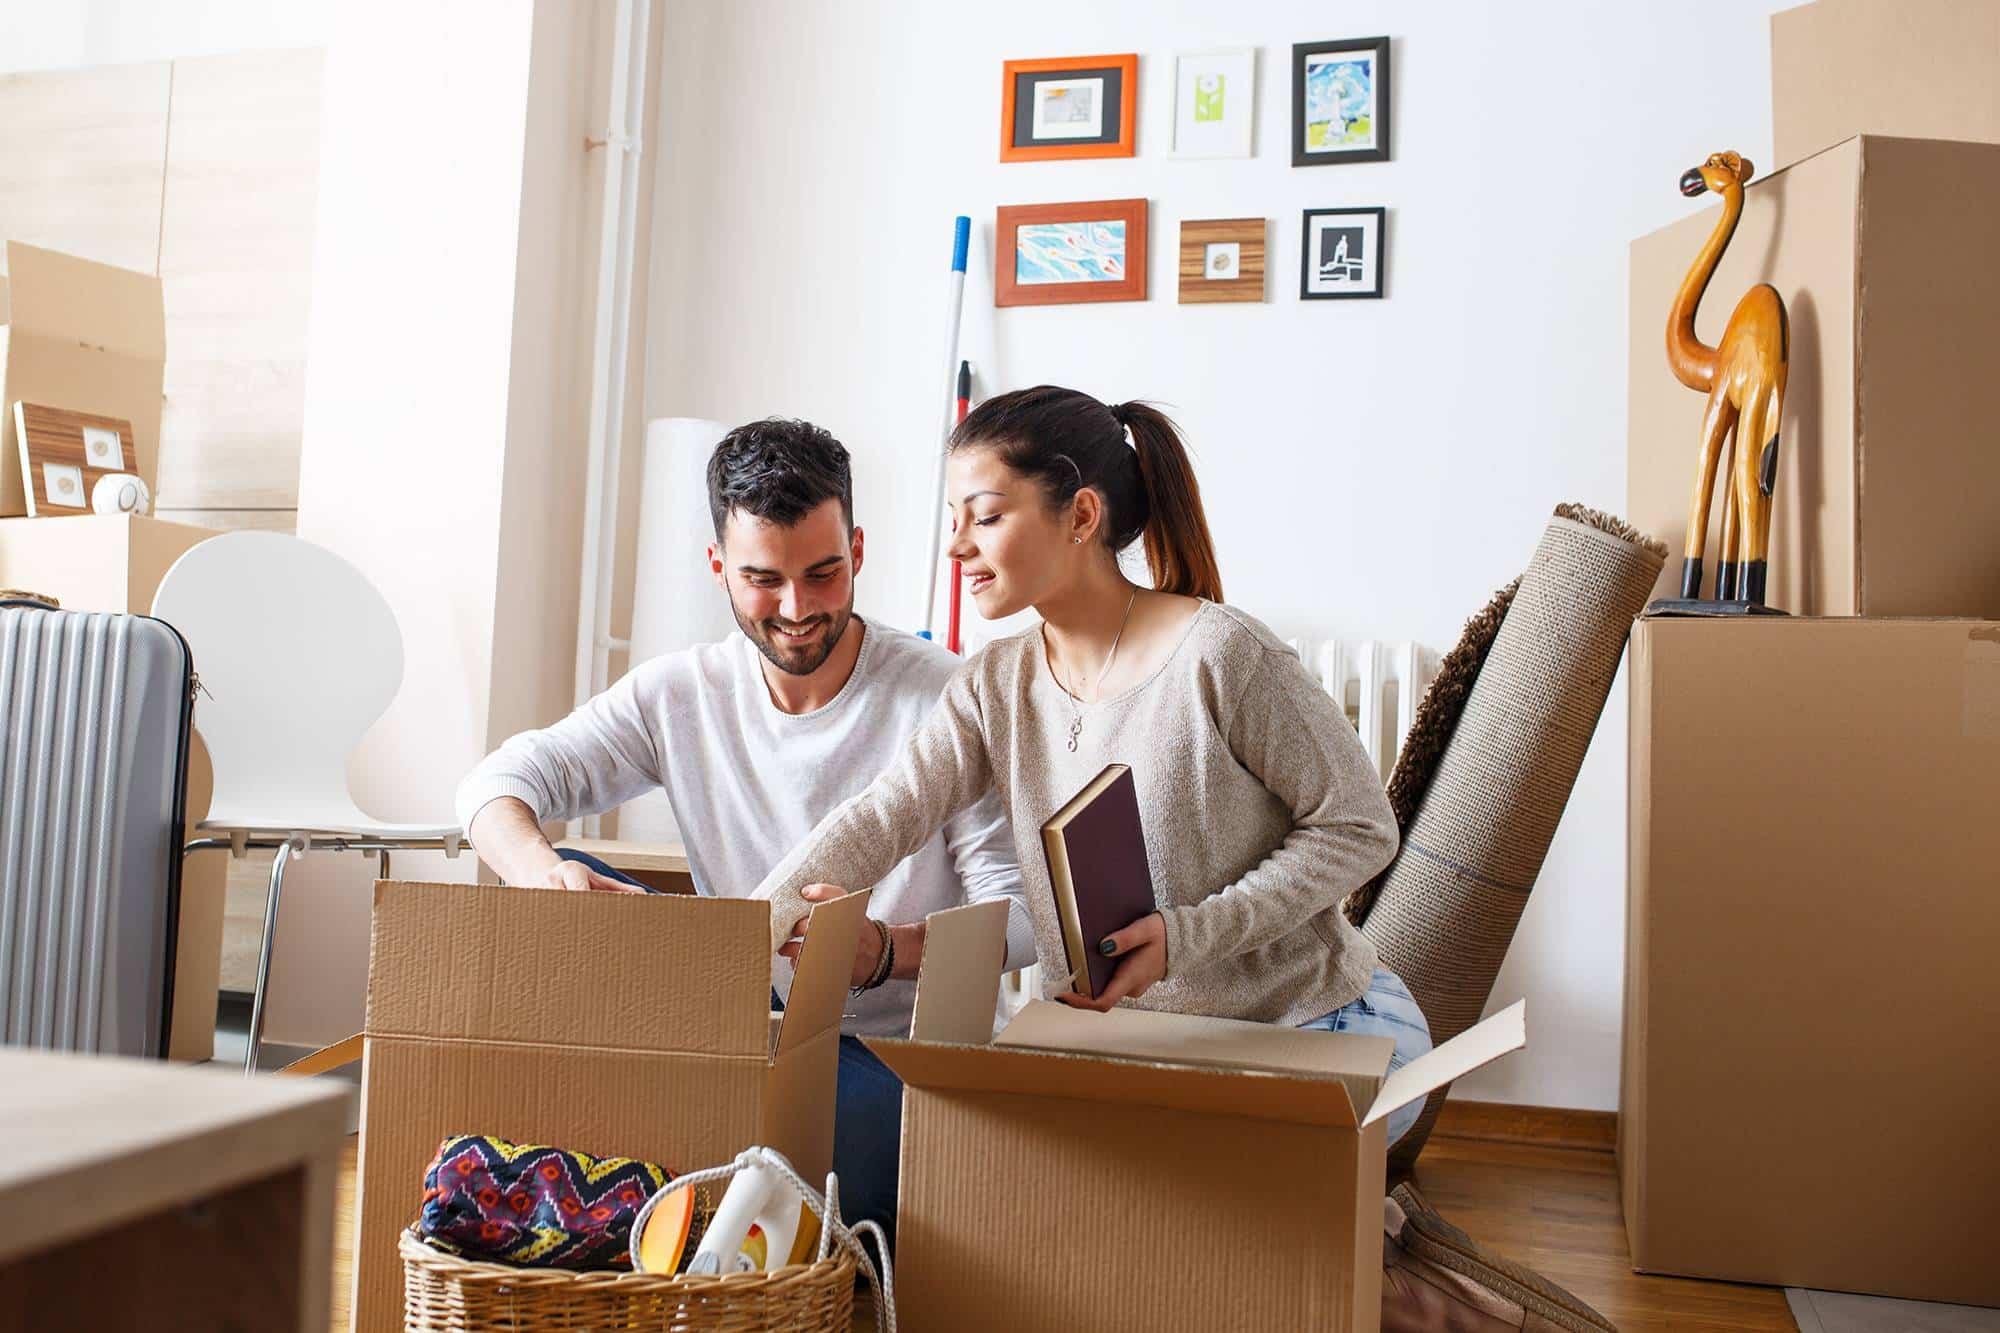 La fermeture des cartons de déménagement